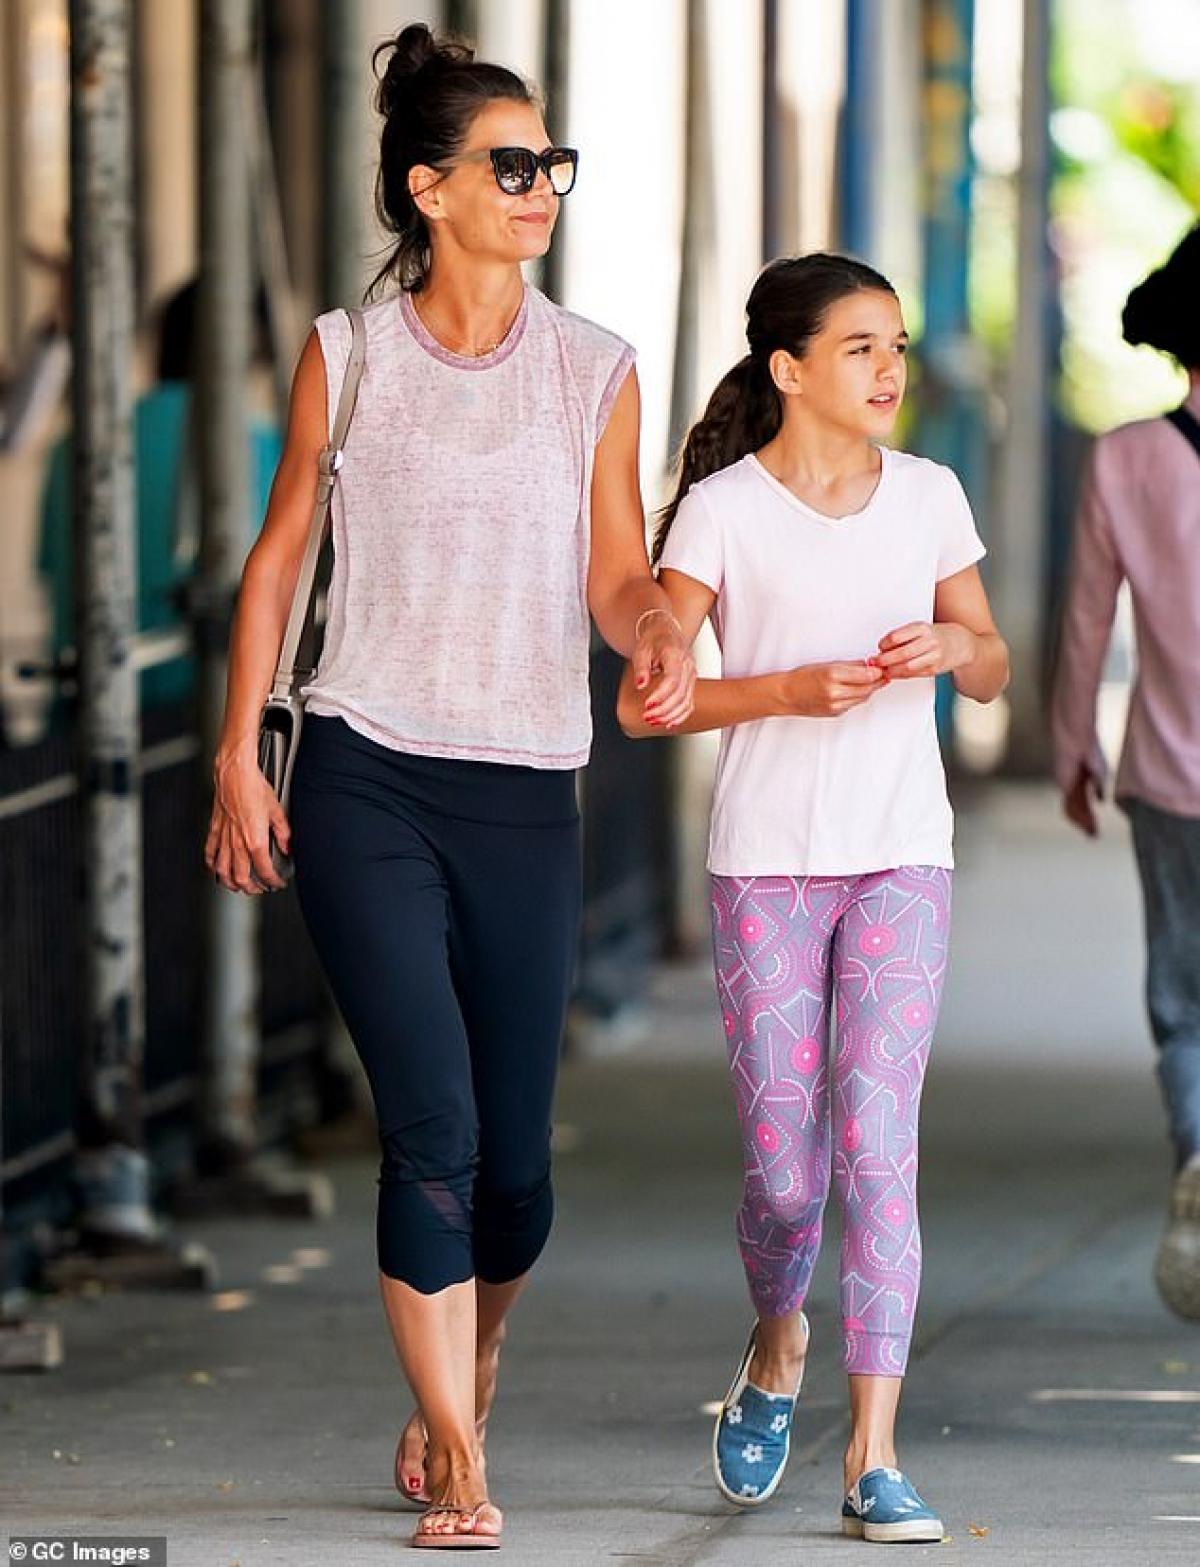 Katie Holmes hiện đang là bà mẹ độc thân quyến rũ.